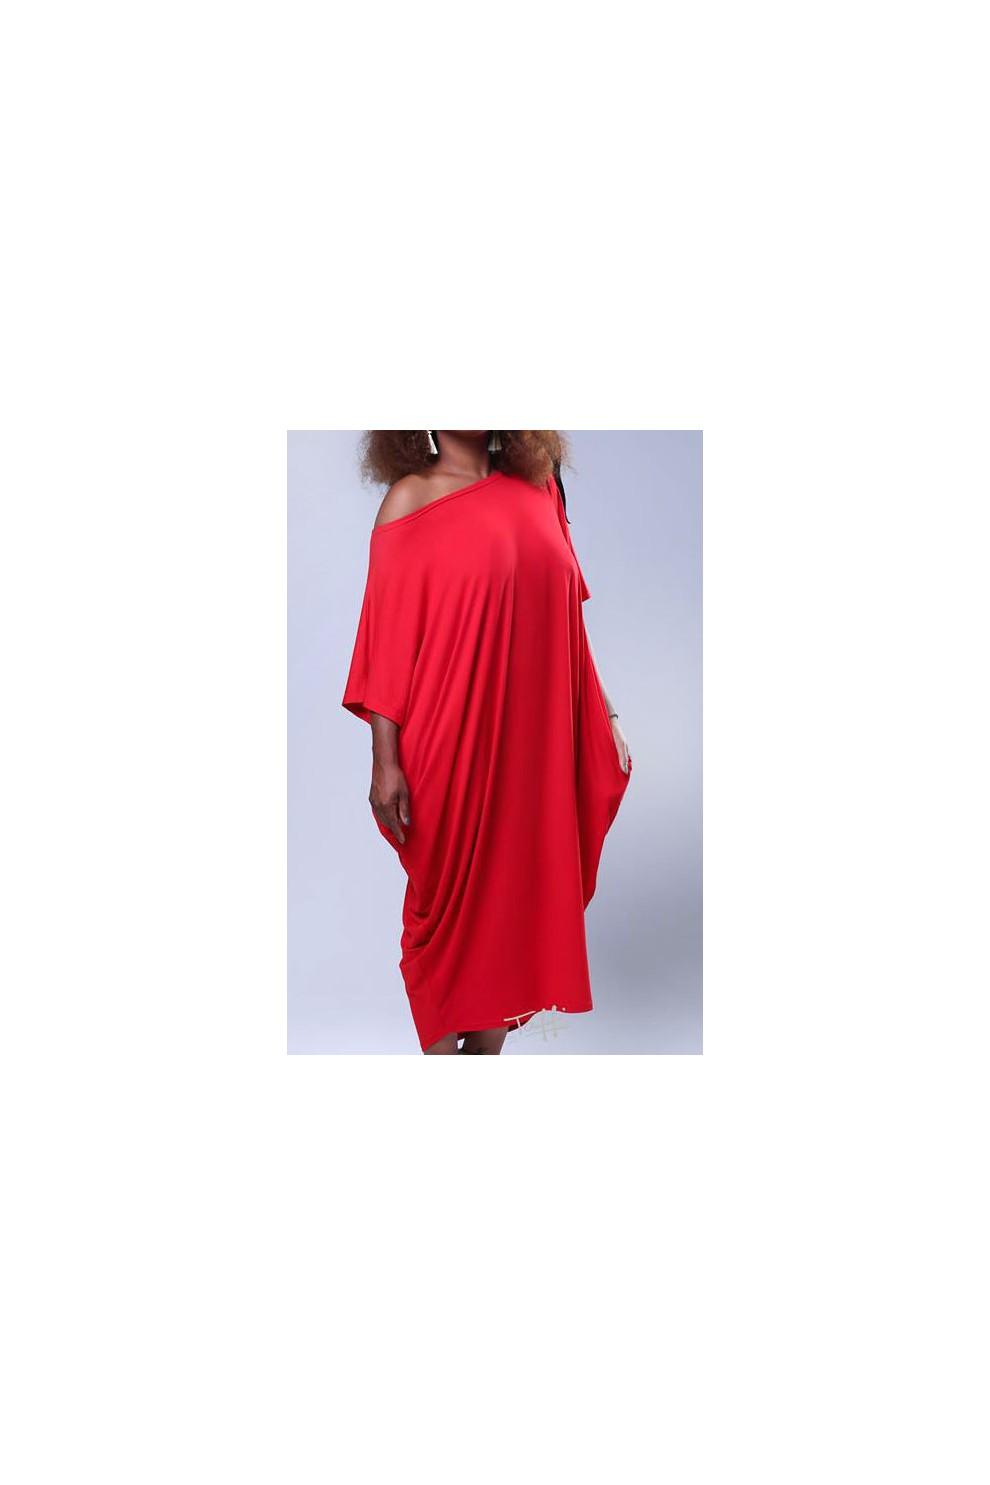 c0c38c9b35 ... Sukienka oversize czerwona - WIJA. NOWOŚĆ. Sukienka ...